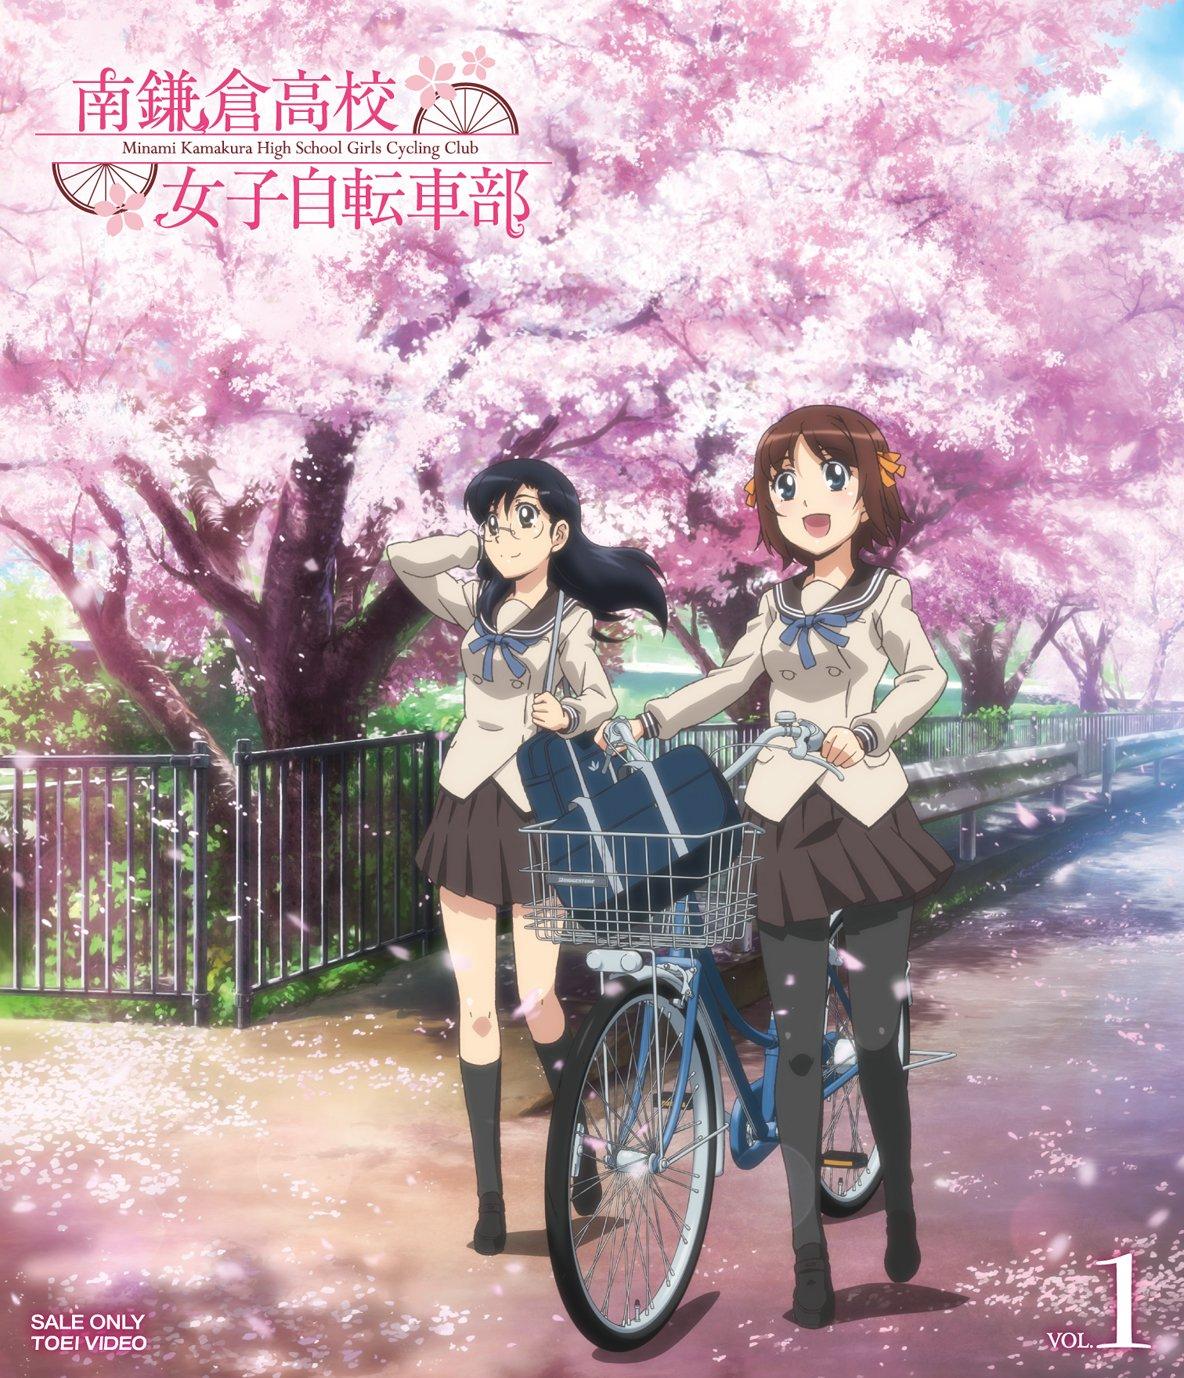 『南鎌倉高校 女子自転車部』第10話本日放送! BD&DVD情報も